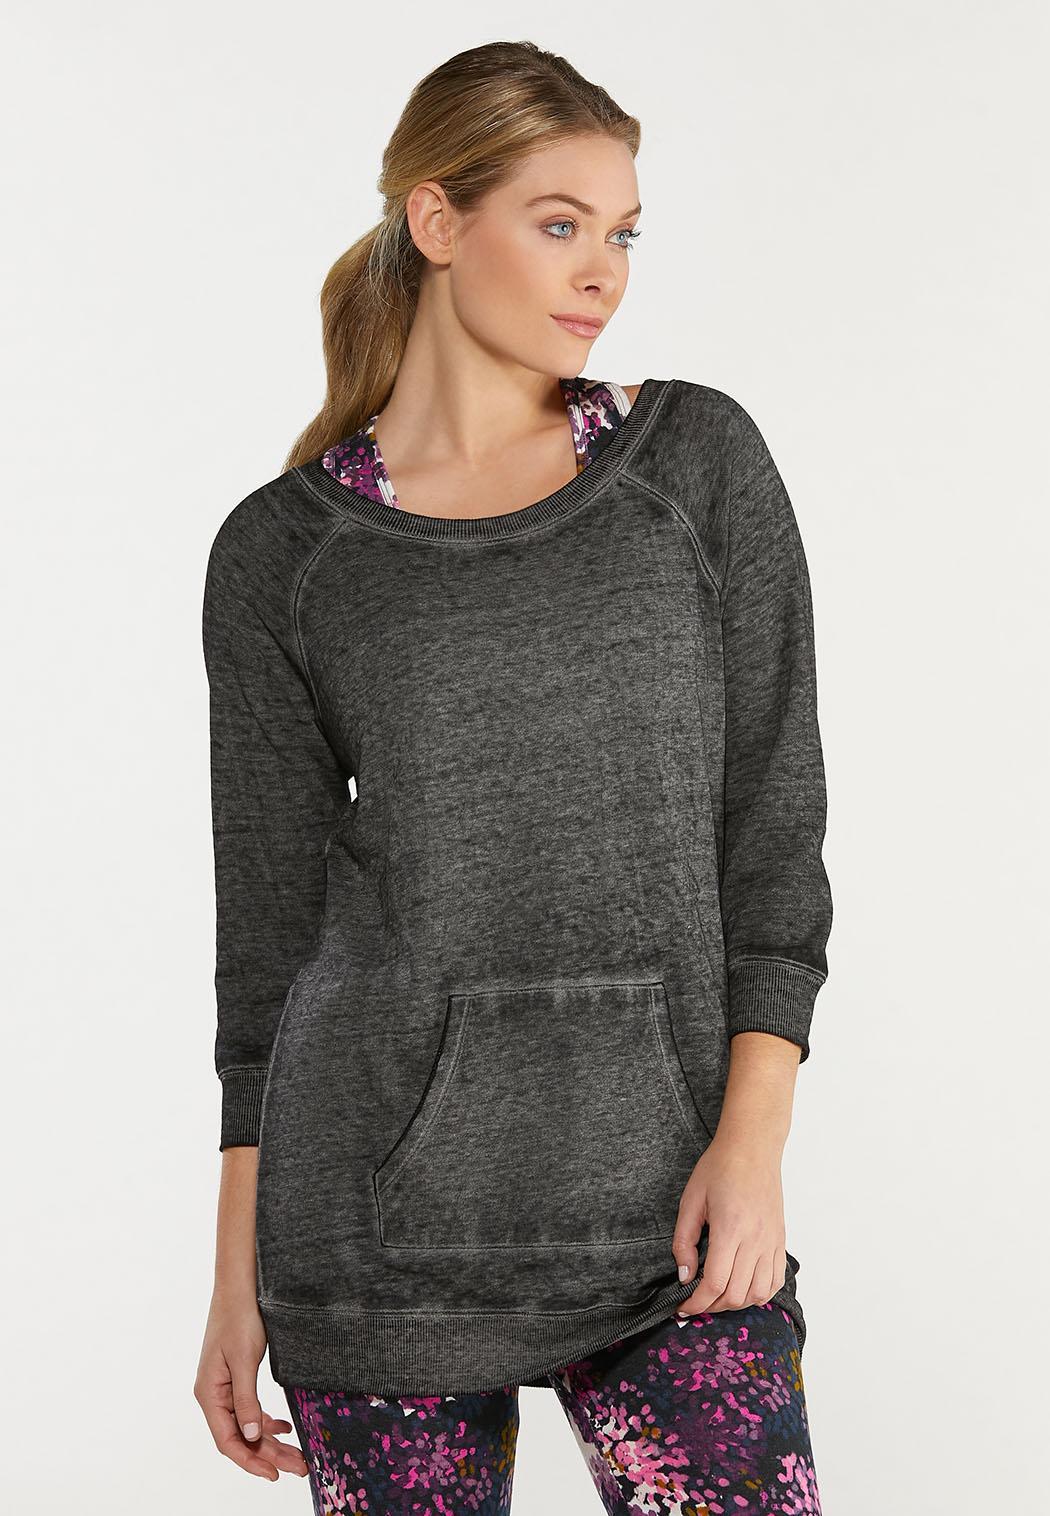 Solid Brushed Color Sweatshirt